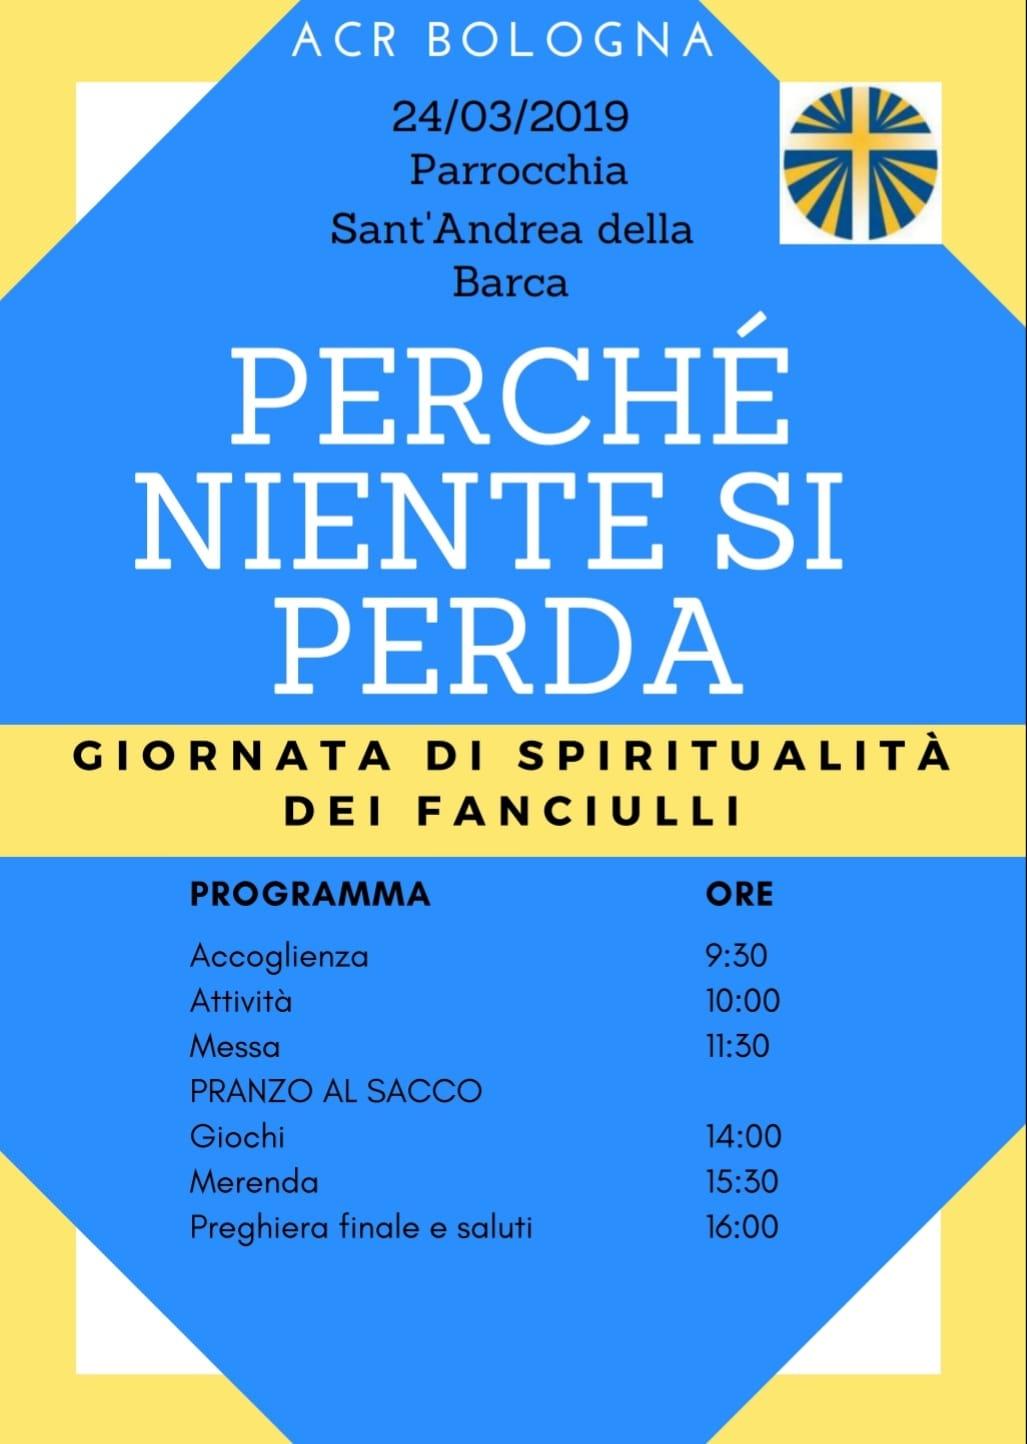 Giornata fanciulli 2019 @ Parrocchia Sant'Andrea della Barca